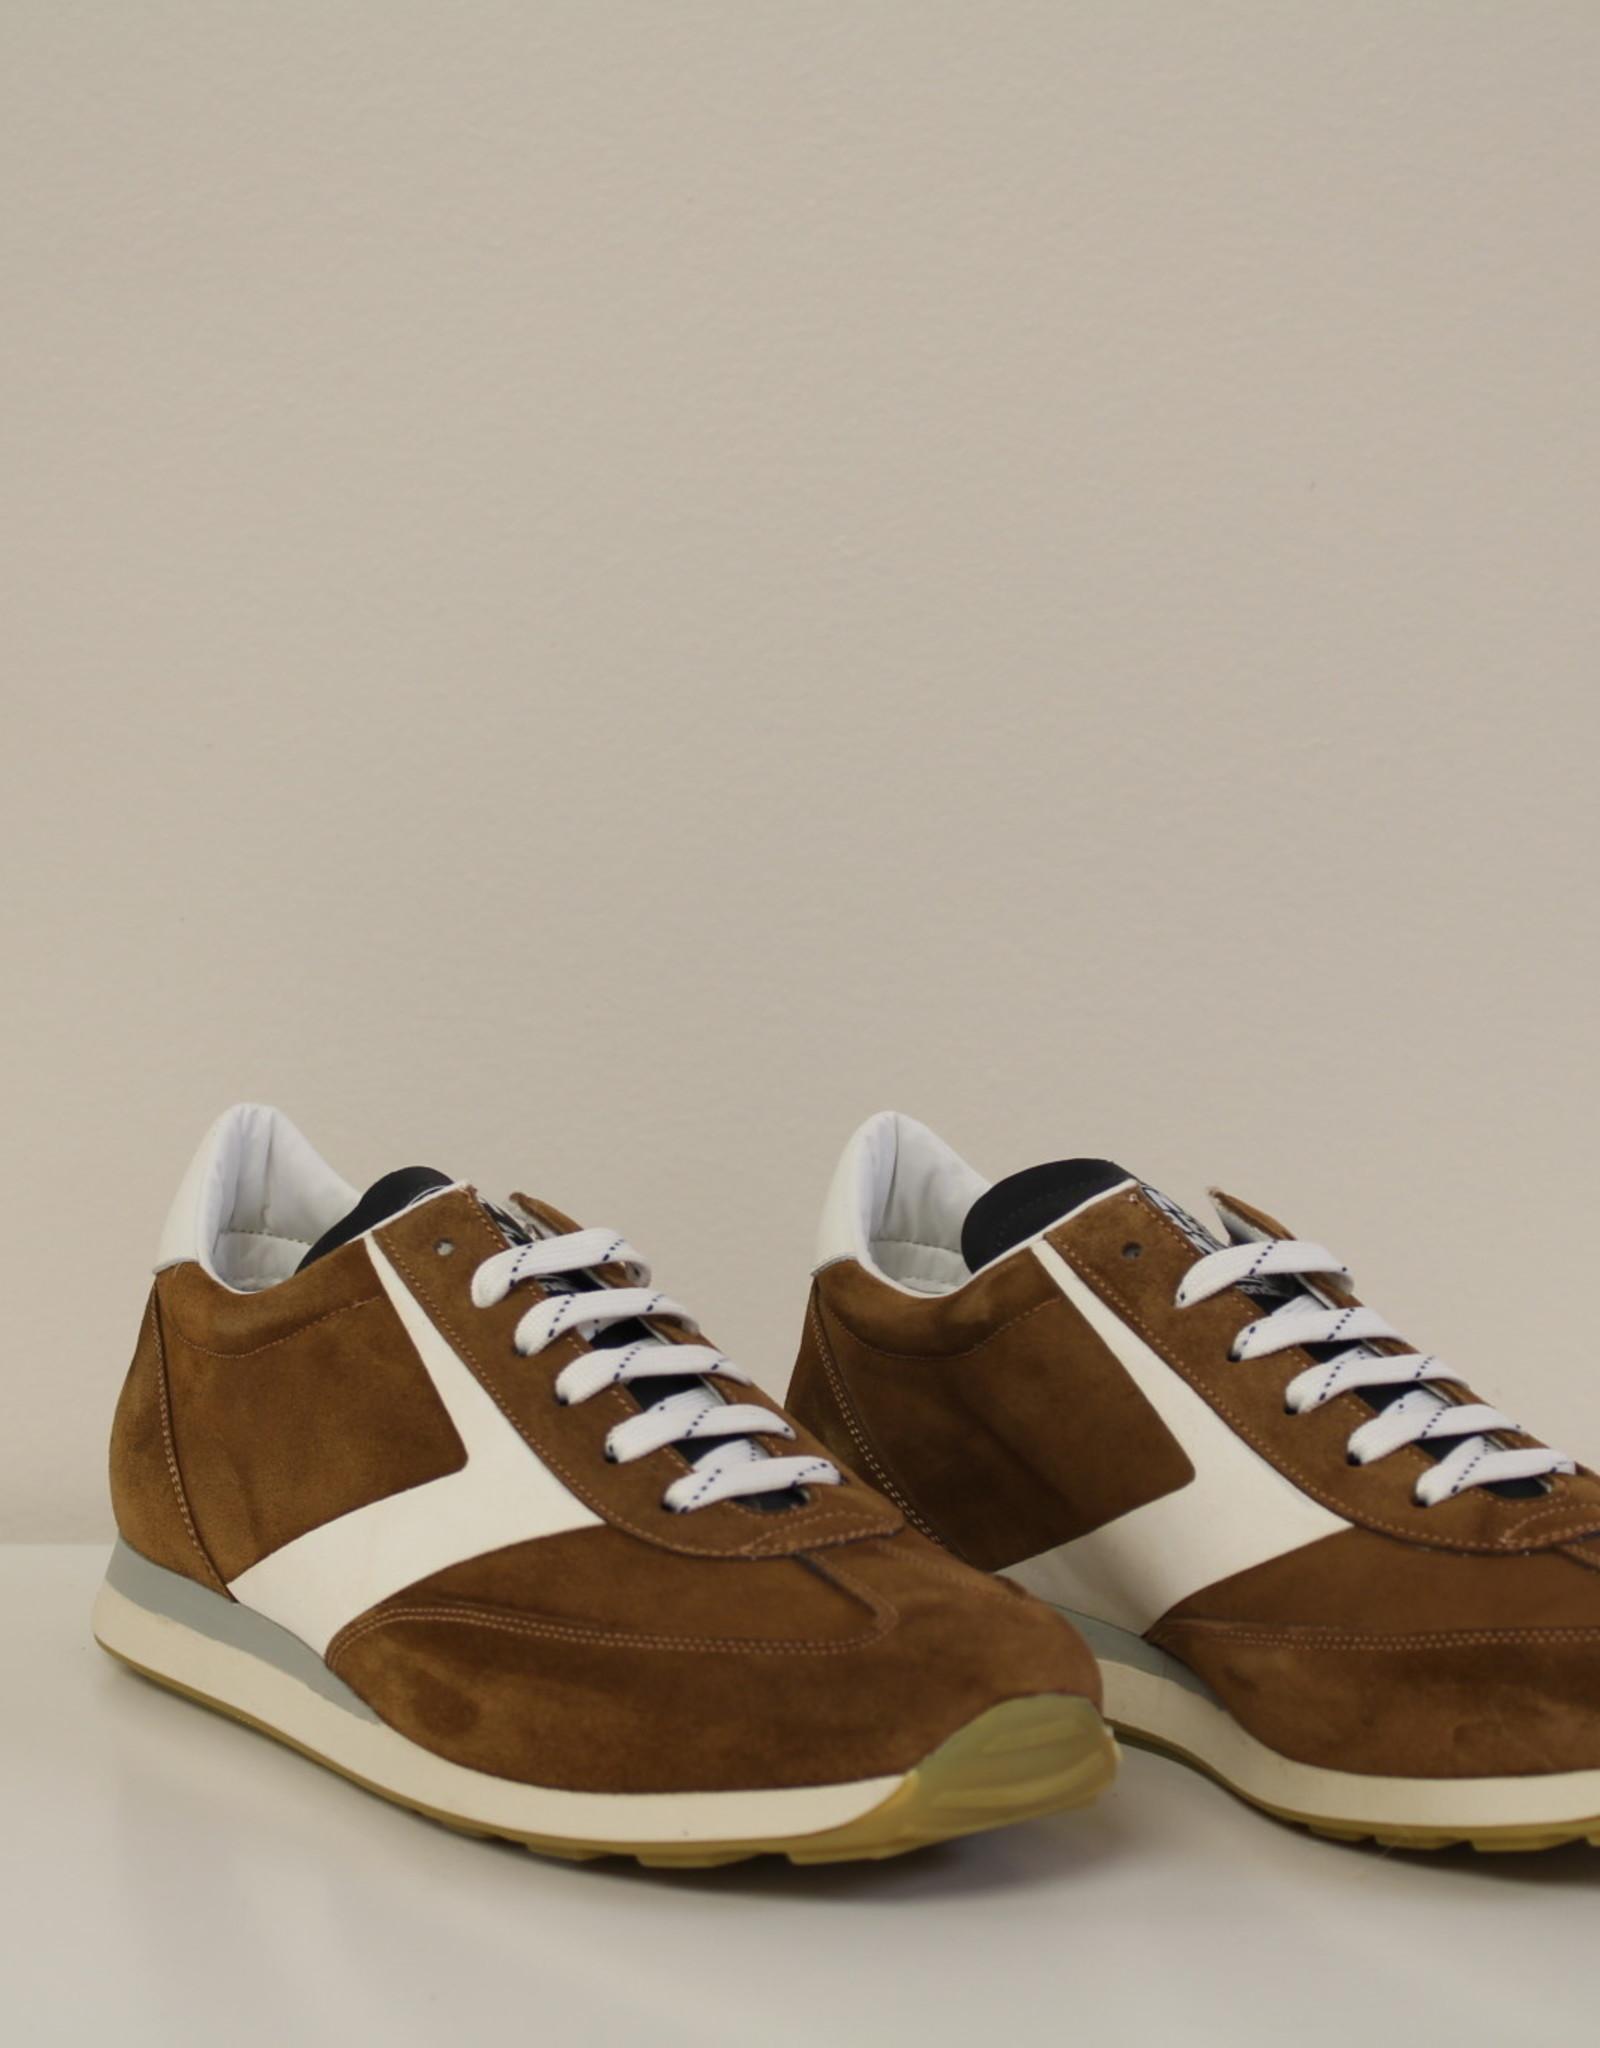 Rondinella 11526 basket bruin wit